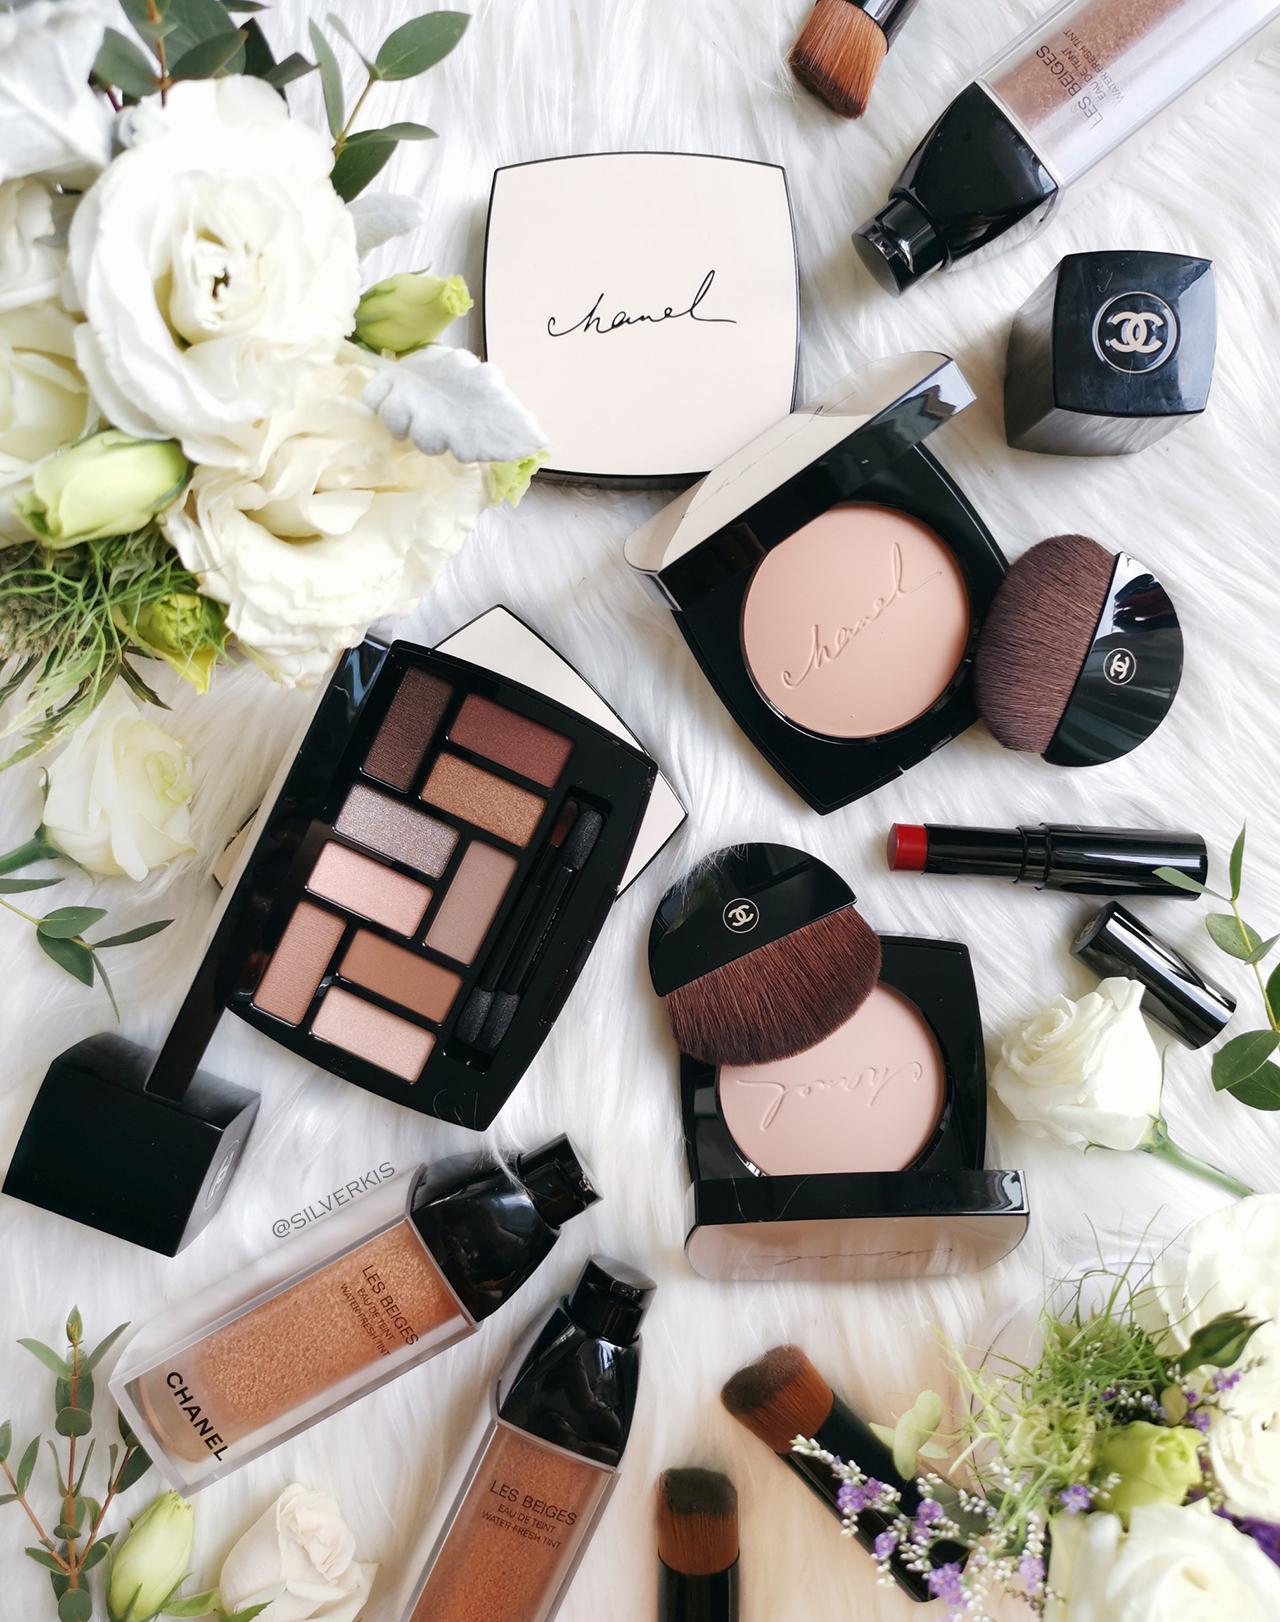 Chanel Les Beiges 2019